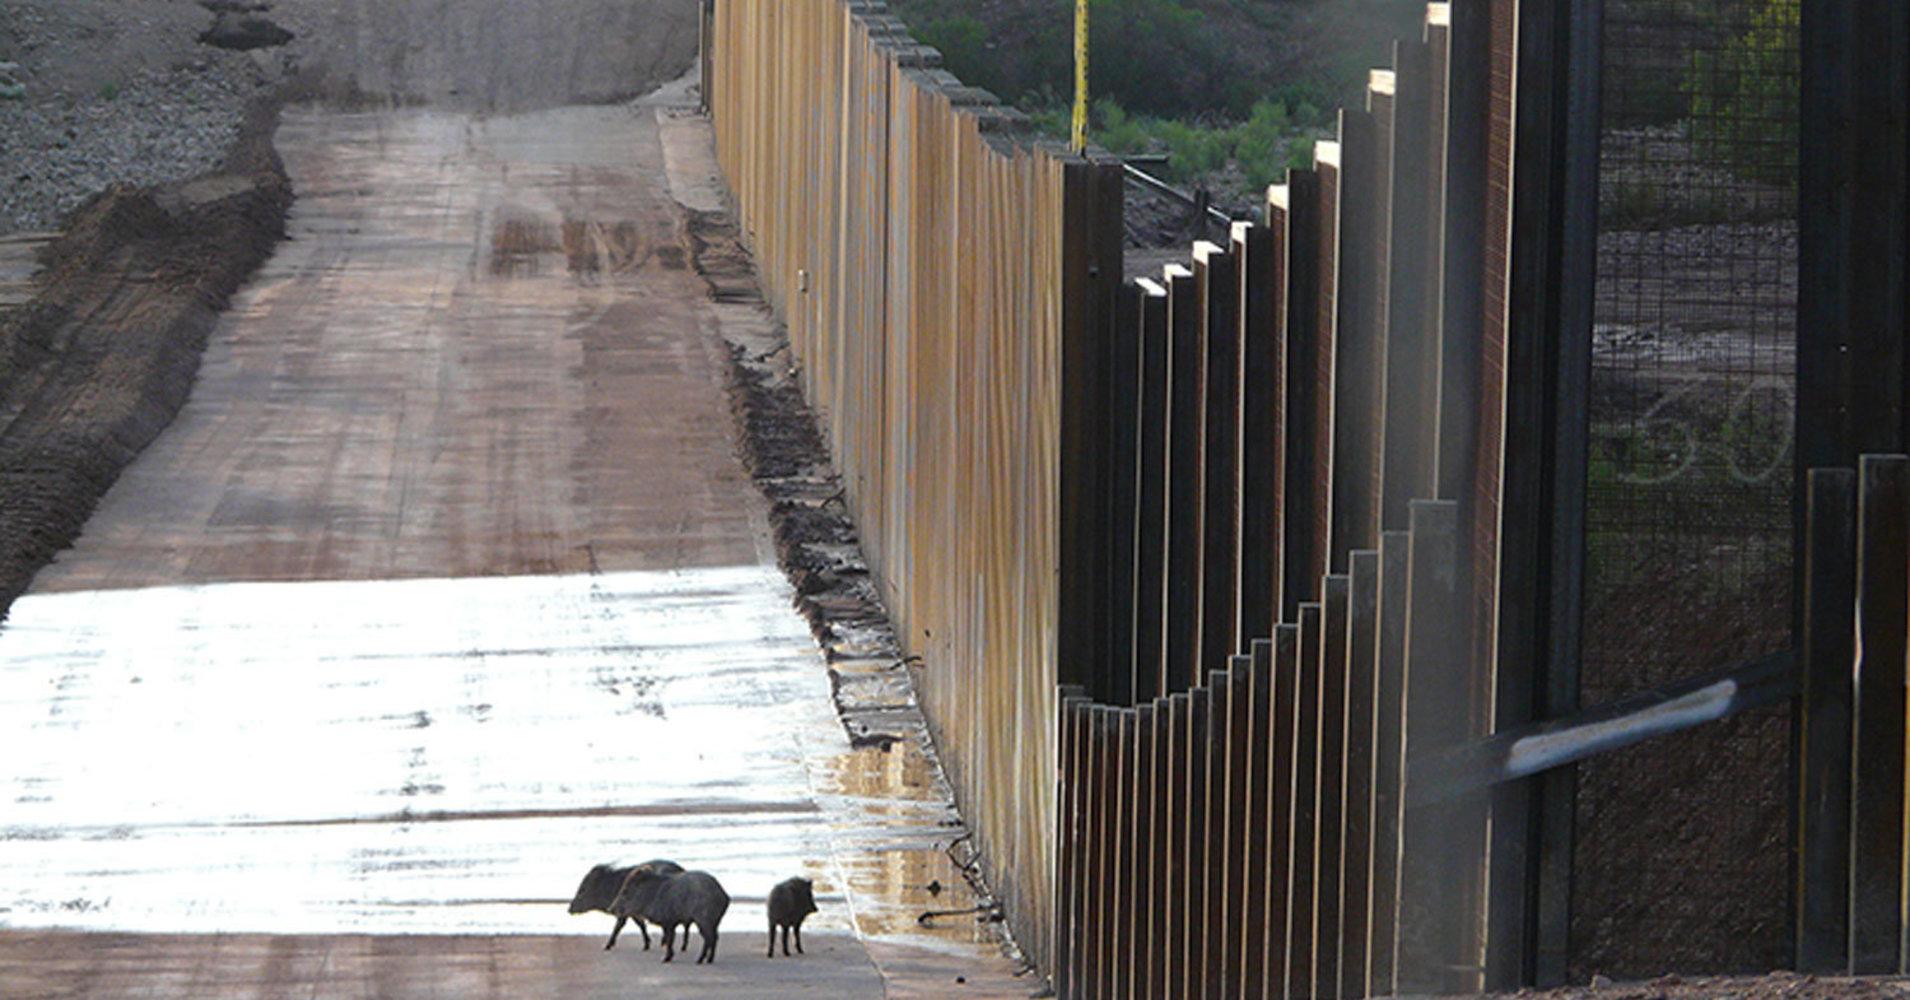 Javelinas near the U.S. Mexico border